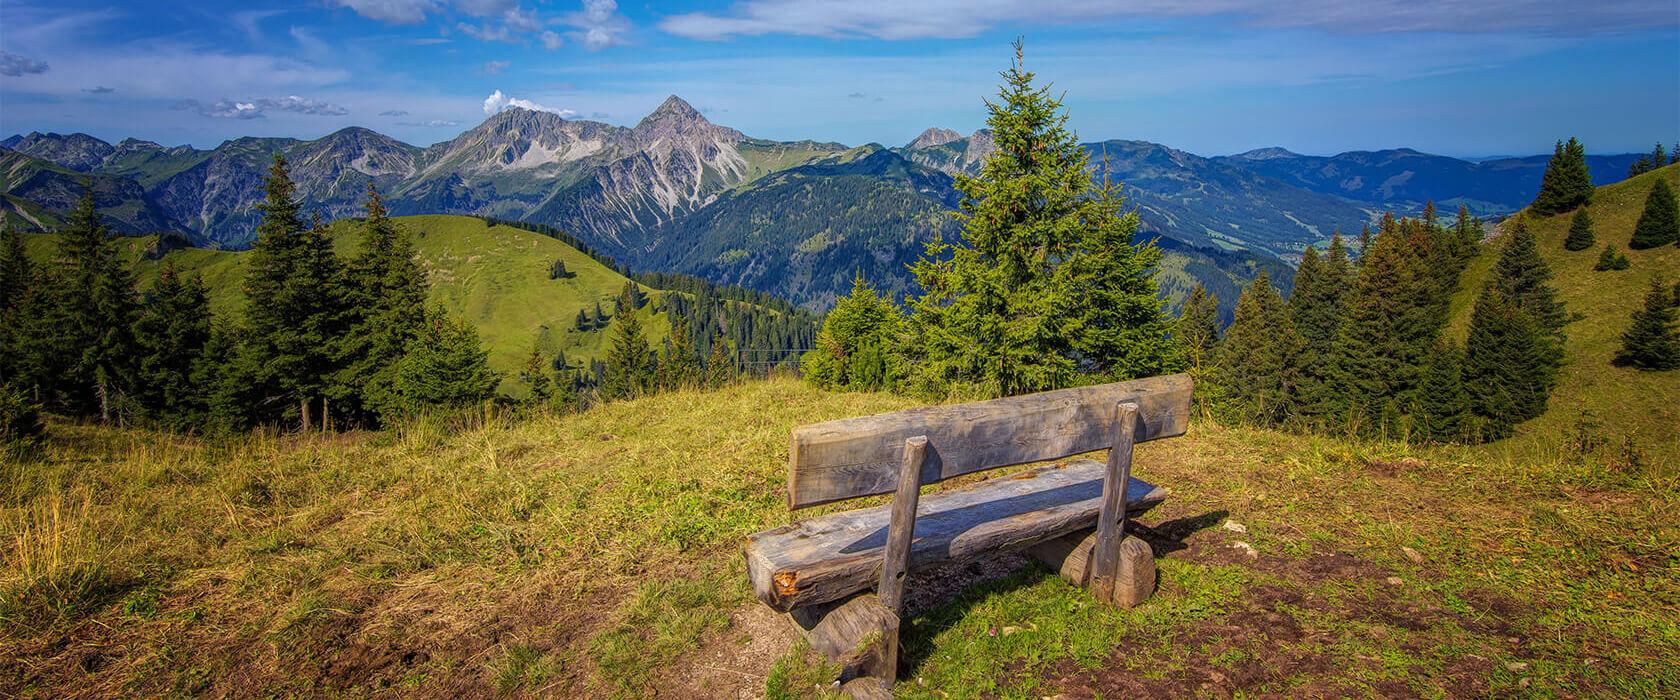 Wanderurlaub am Haldensee im Tannheimer Tal